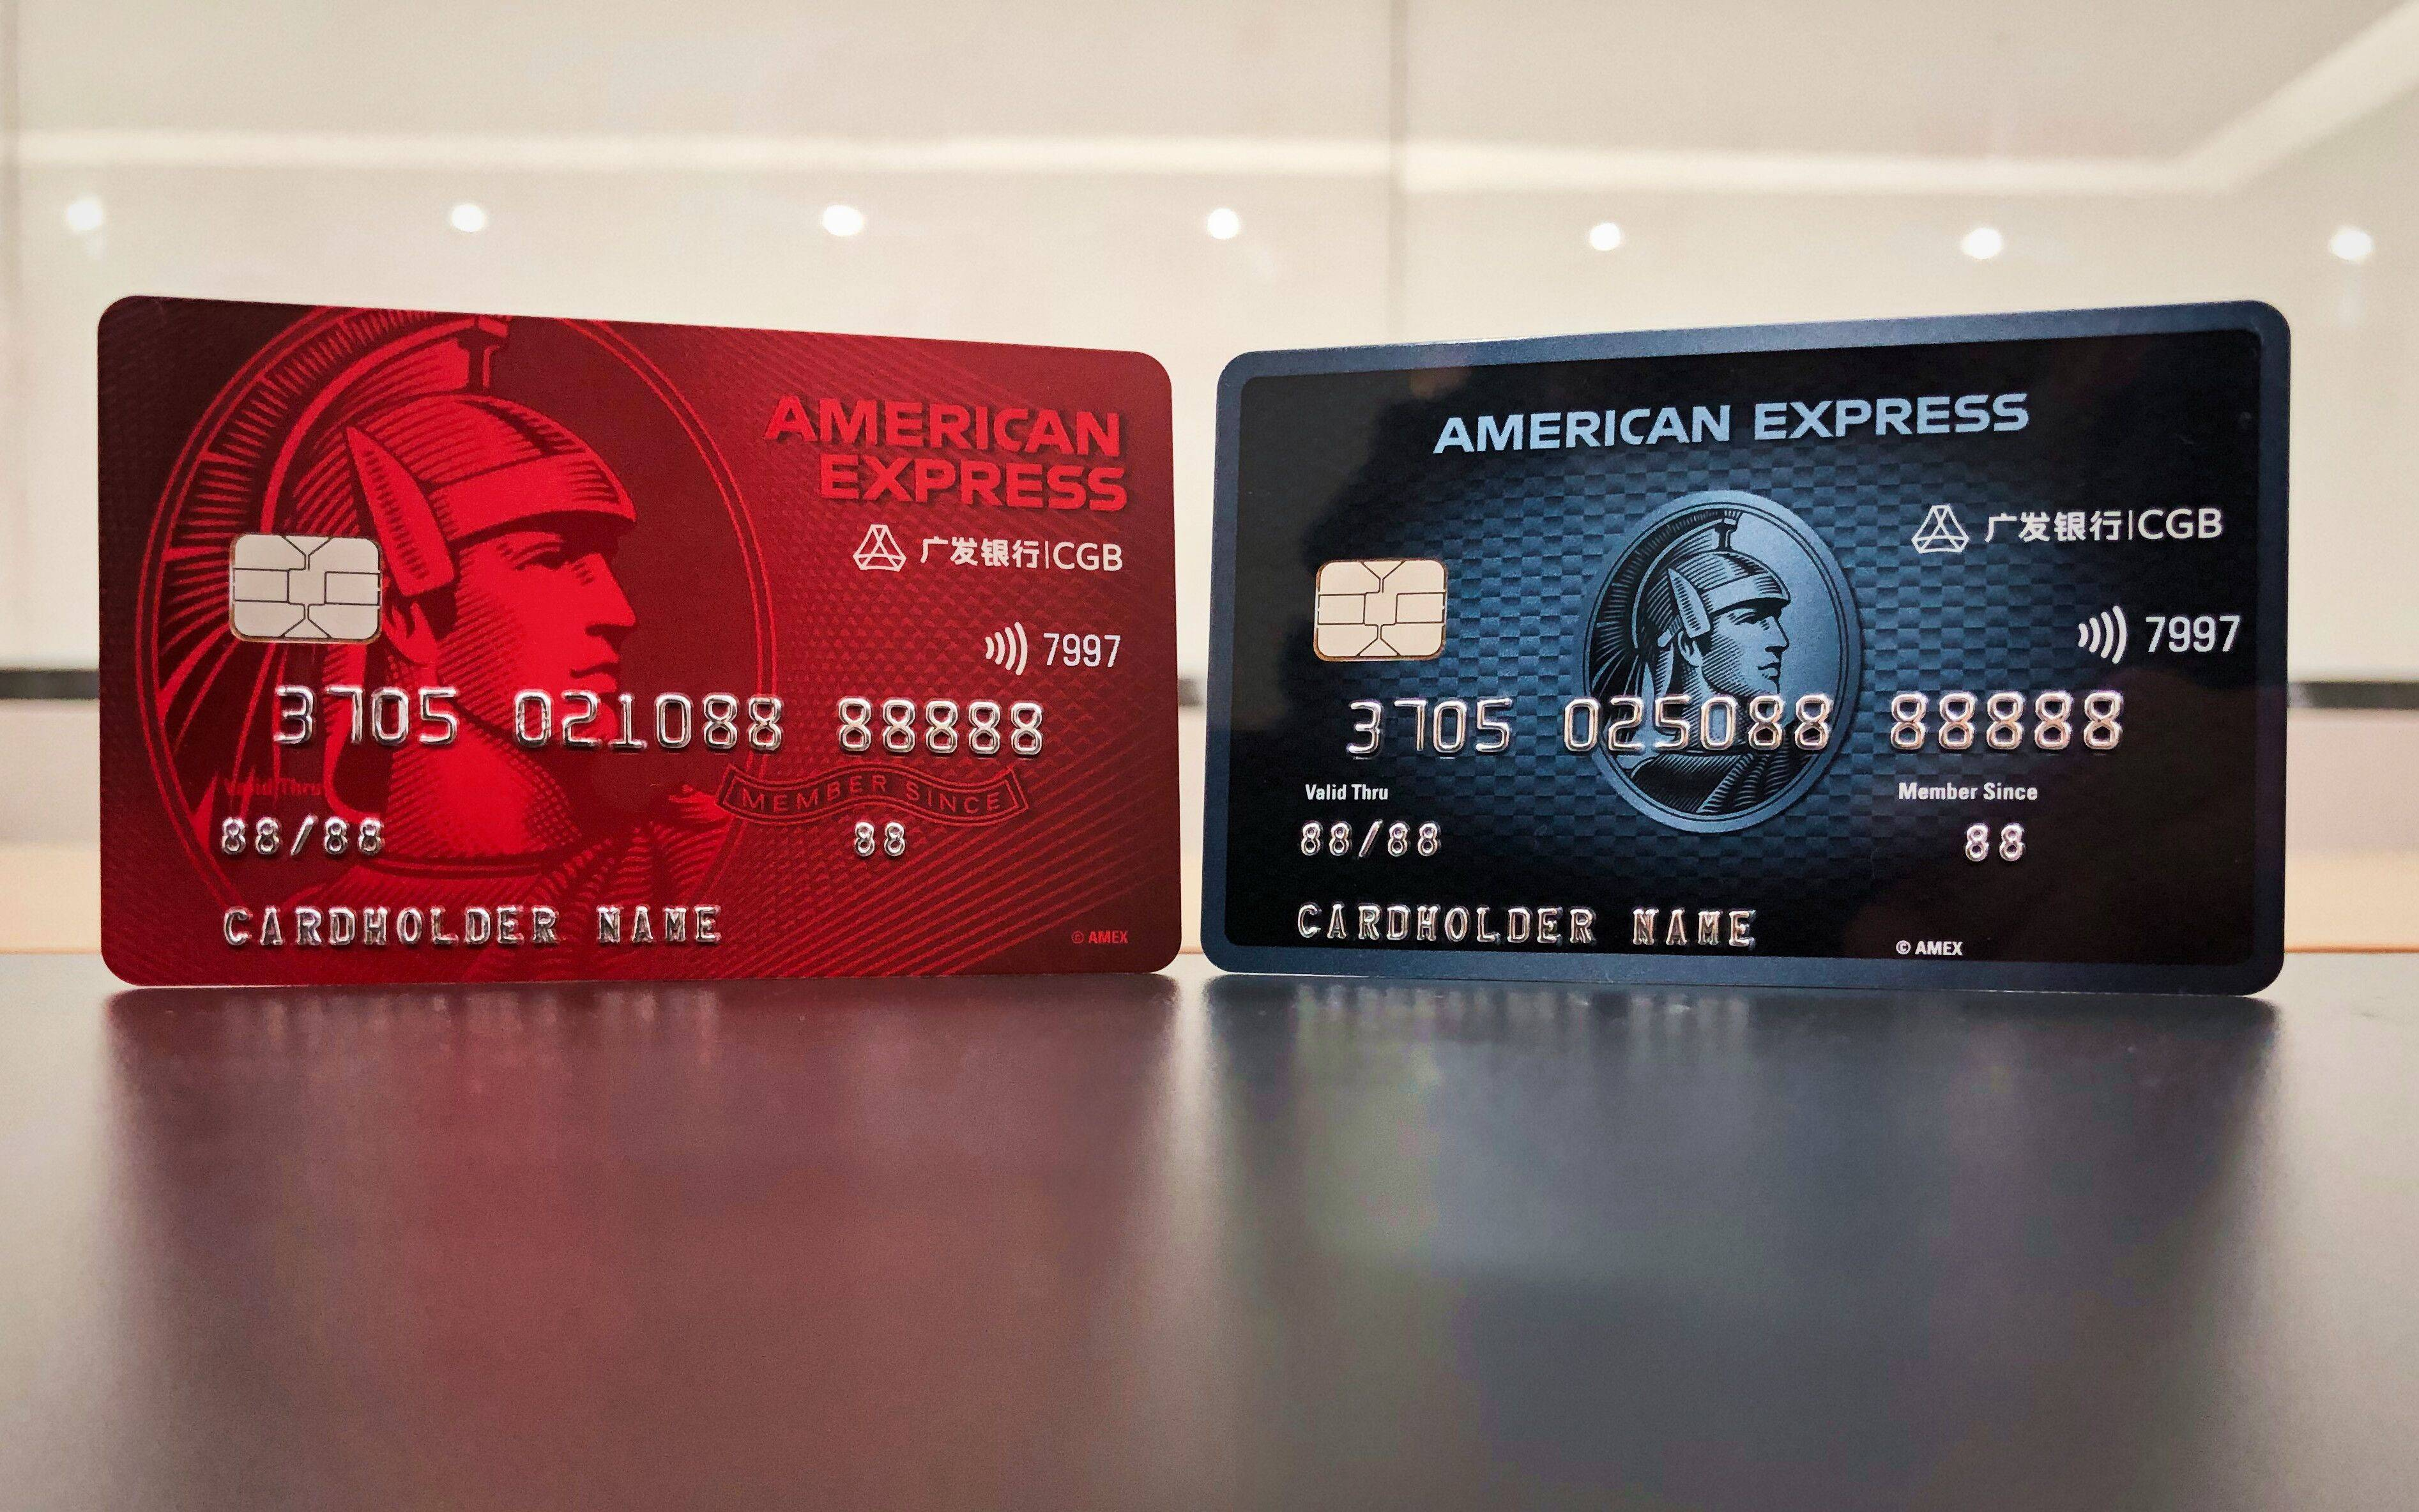 广发首批发行美国运通人民币卡 引领中国信用卡市场创新开放